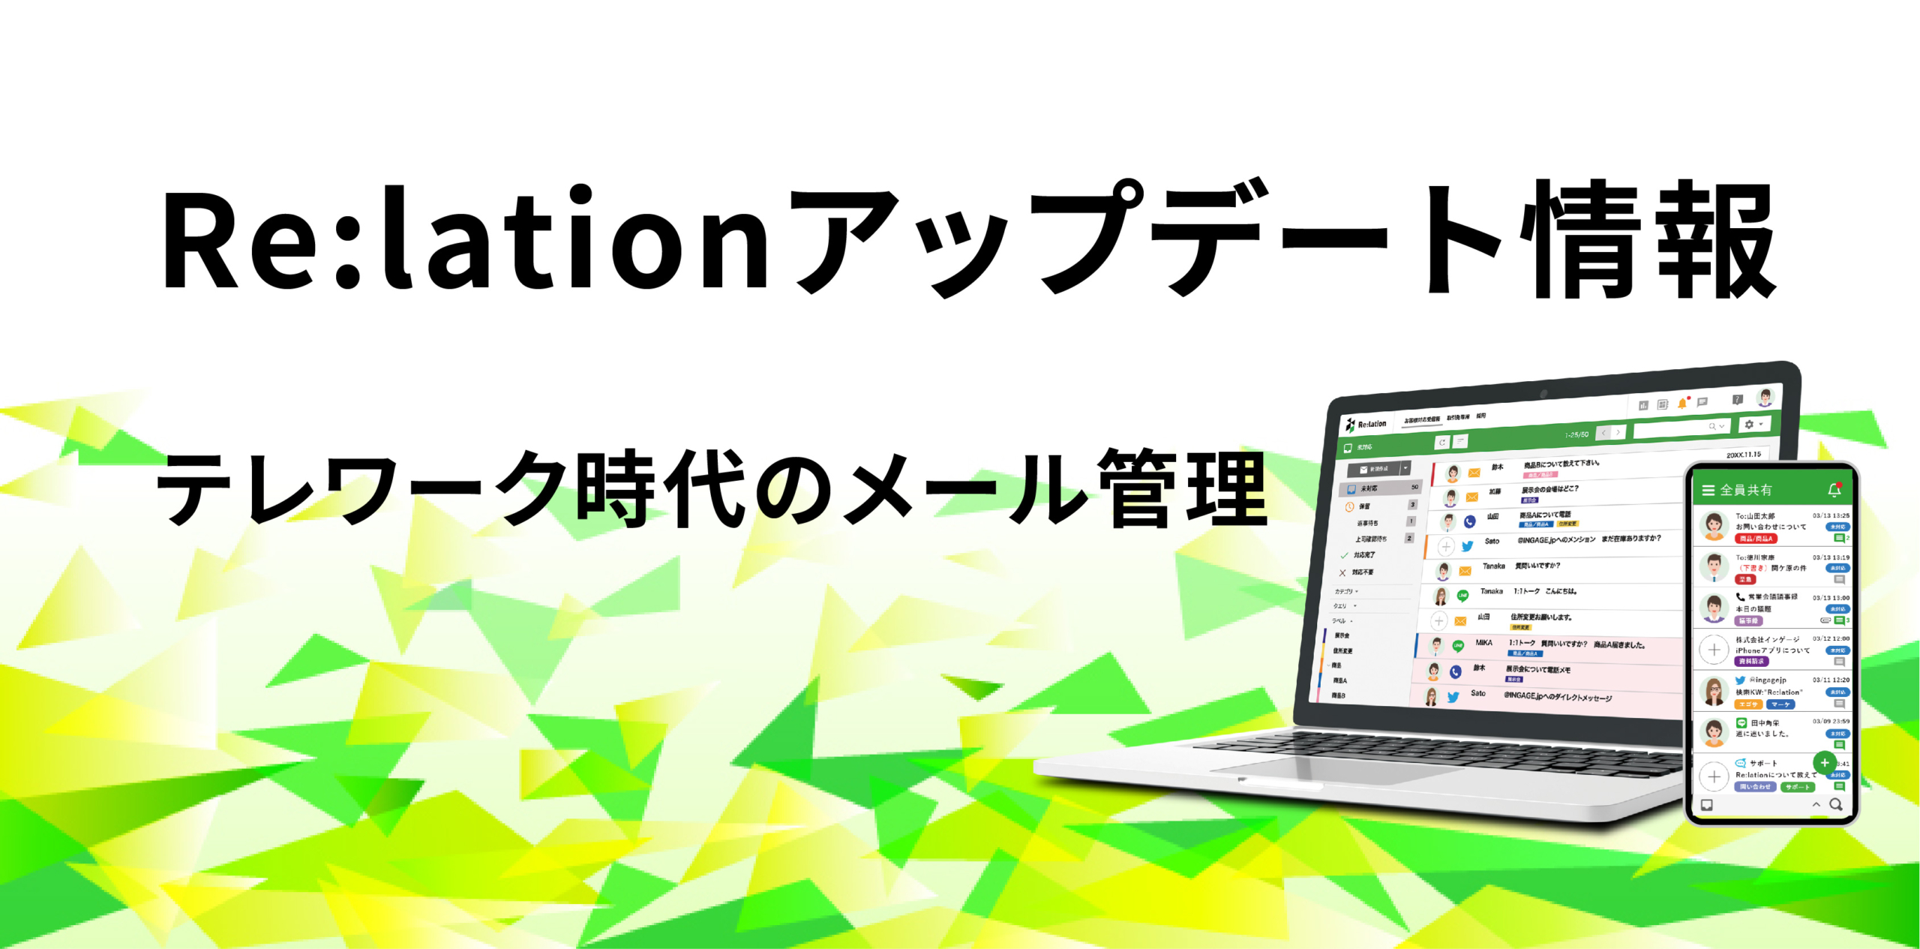 テレワーク時代のメール管理「Re:lation(リレーション)」10.29アップデート